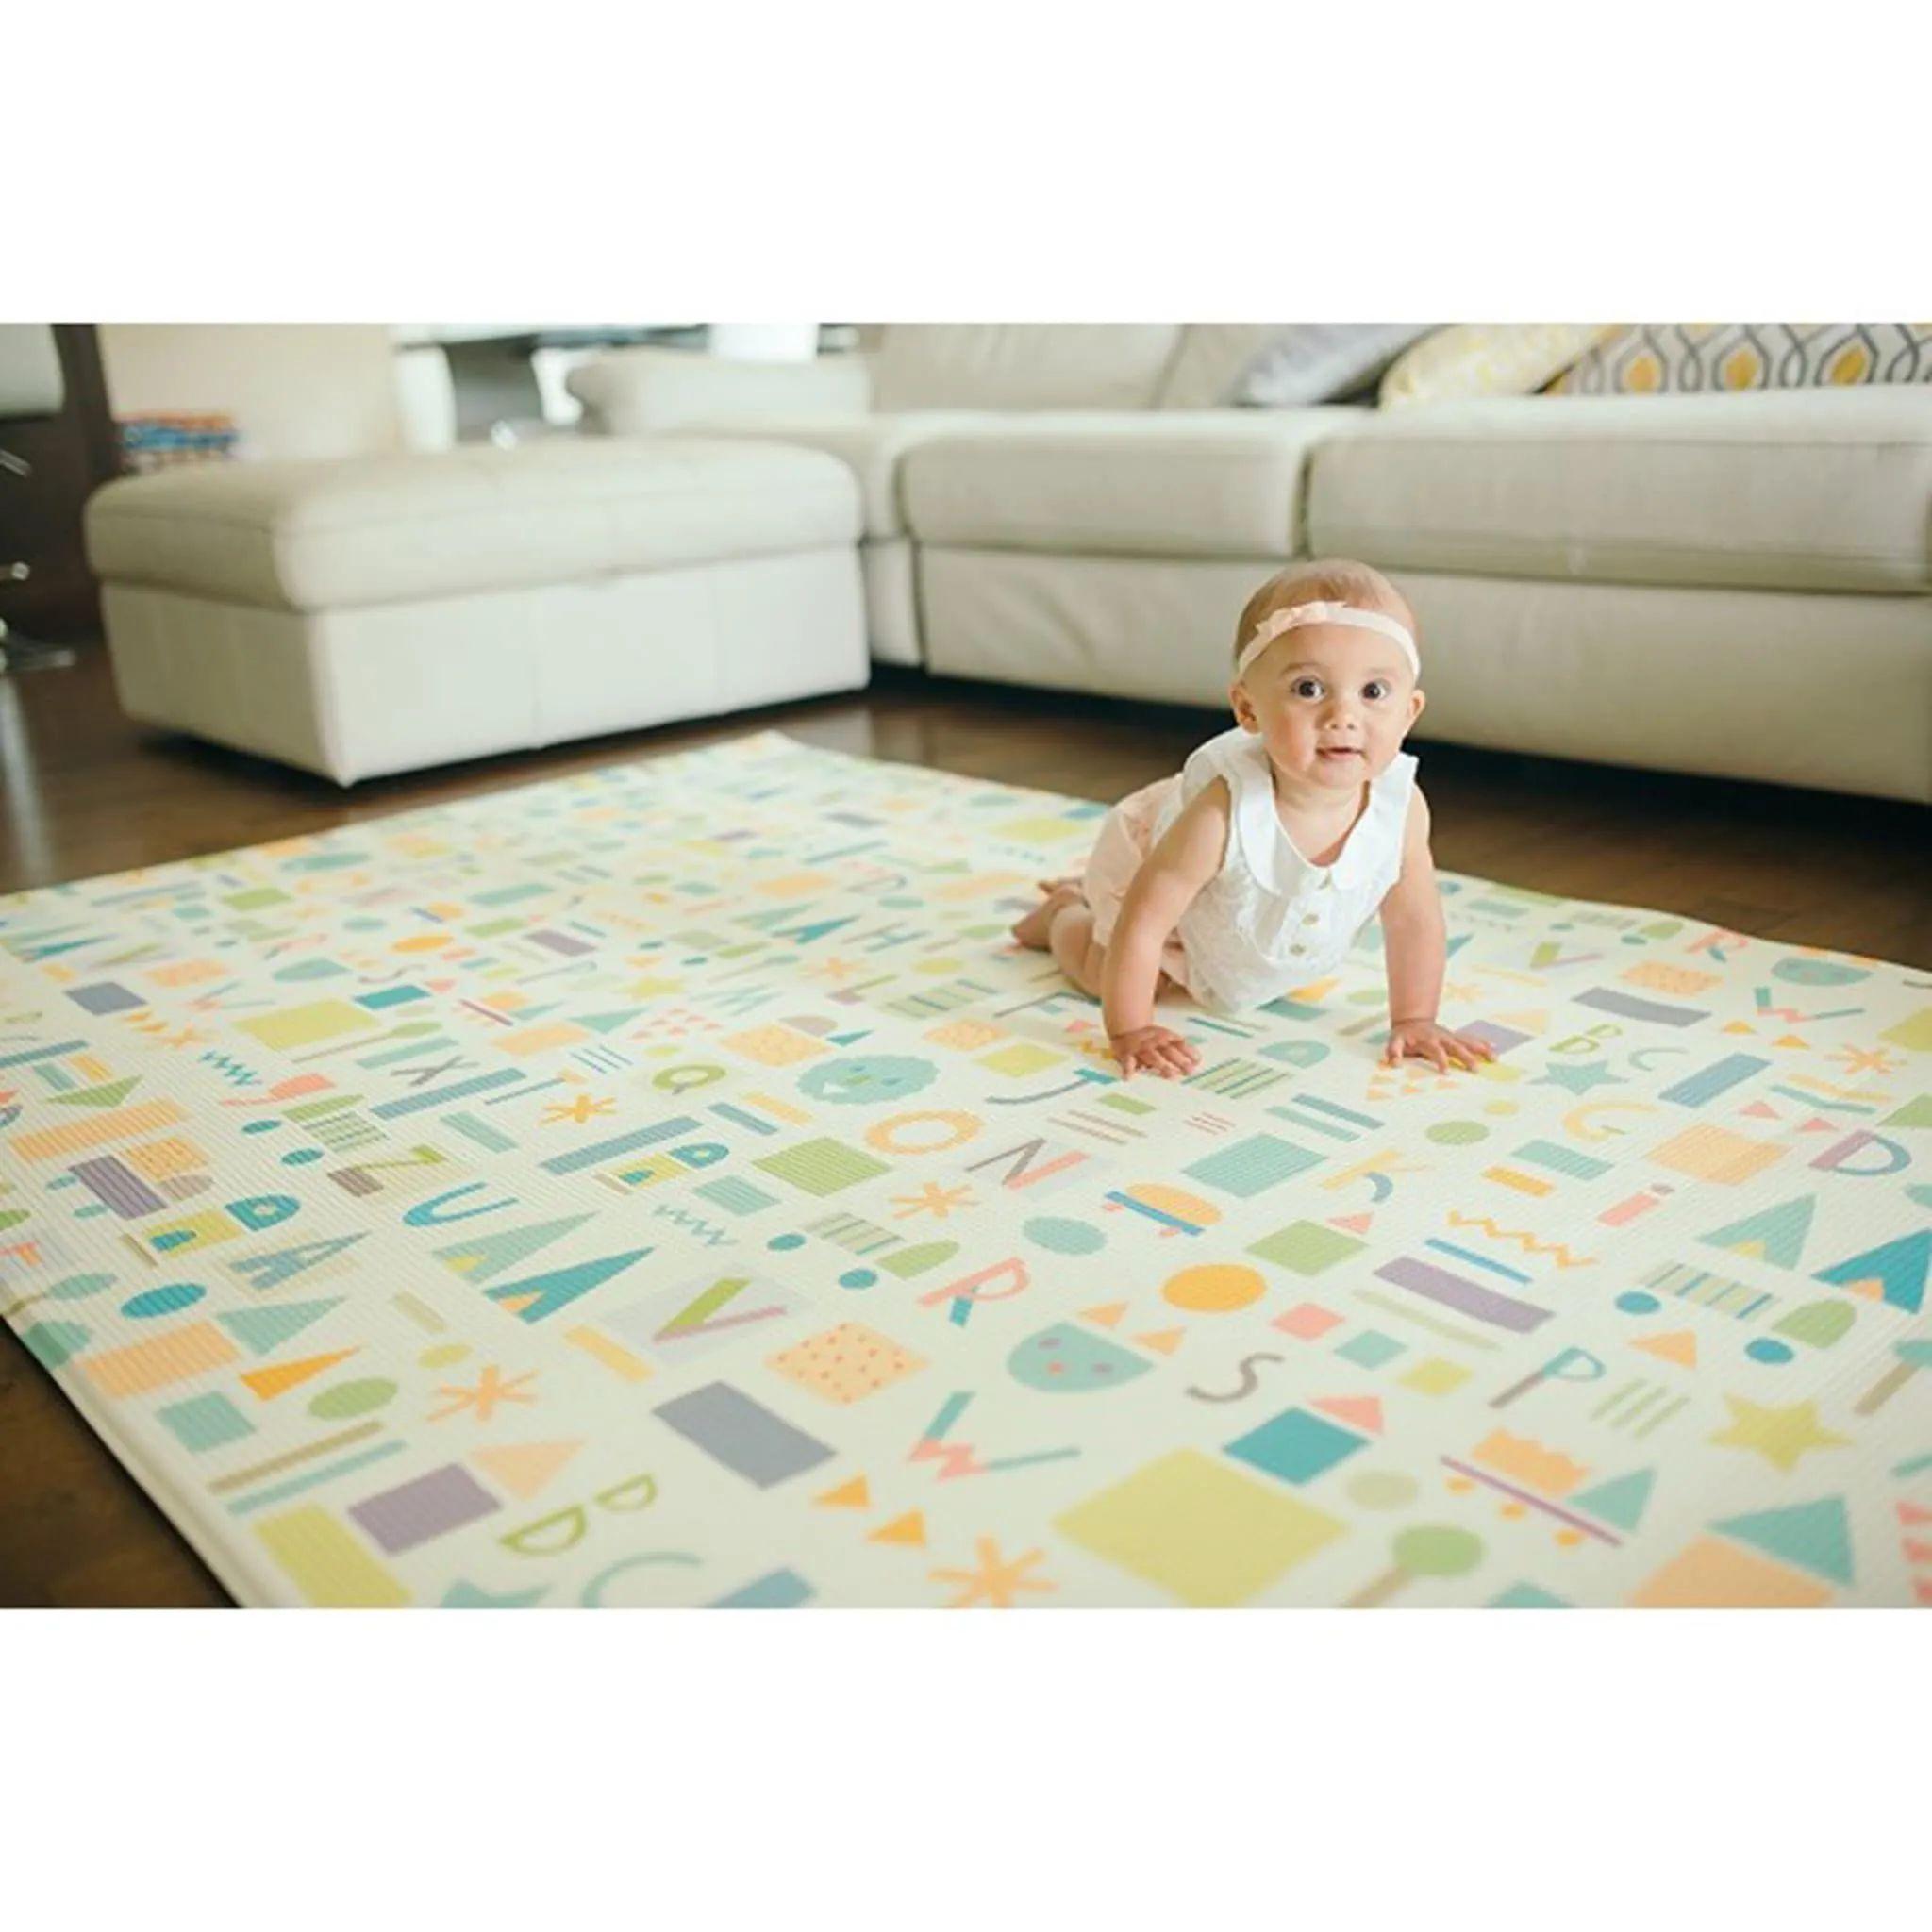 tapis de jeux reversible moyen sea petales gris baby care clement